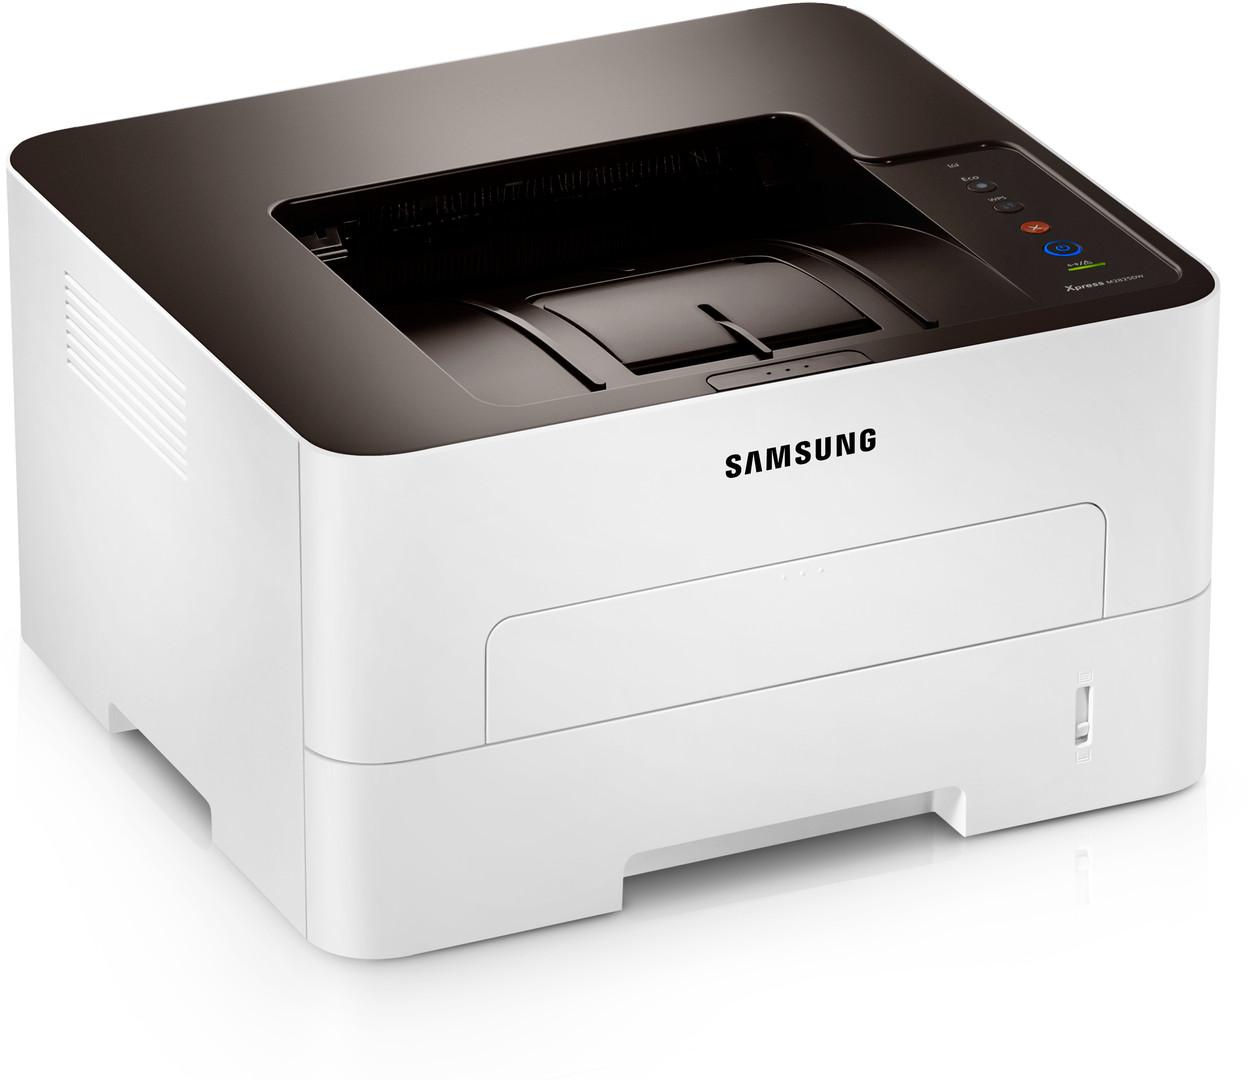 Máy in Samsung SL M2825ND, Network, Duplex, Laser trắng đen